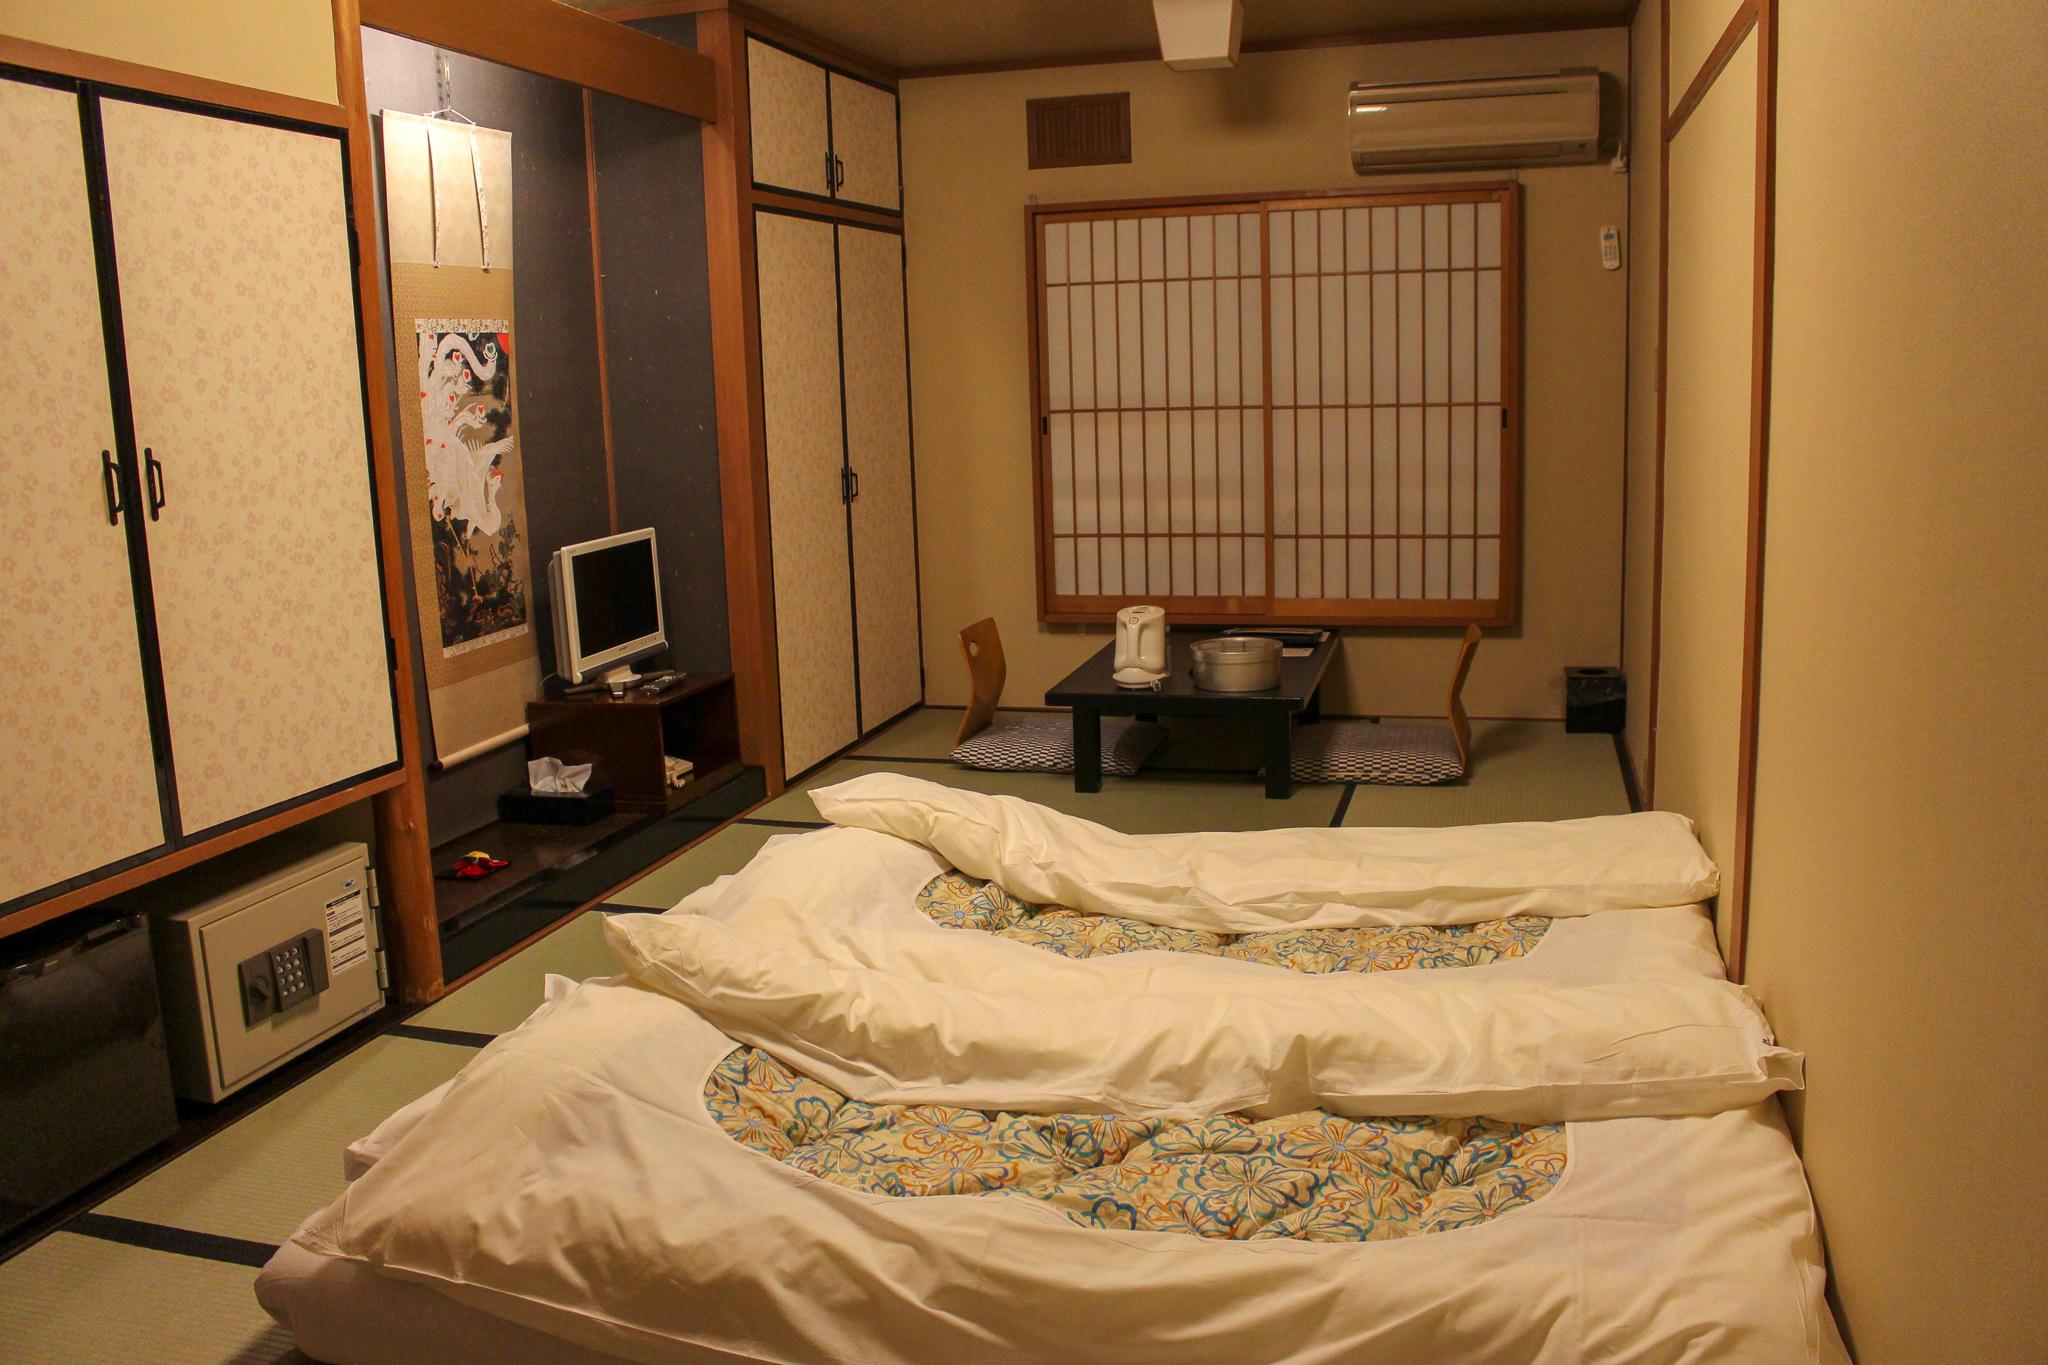 ryokan_kyoto_quarto